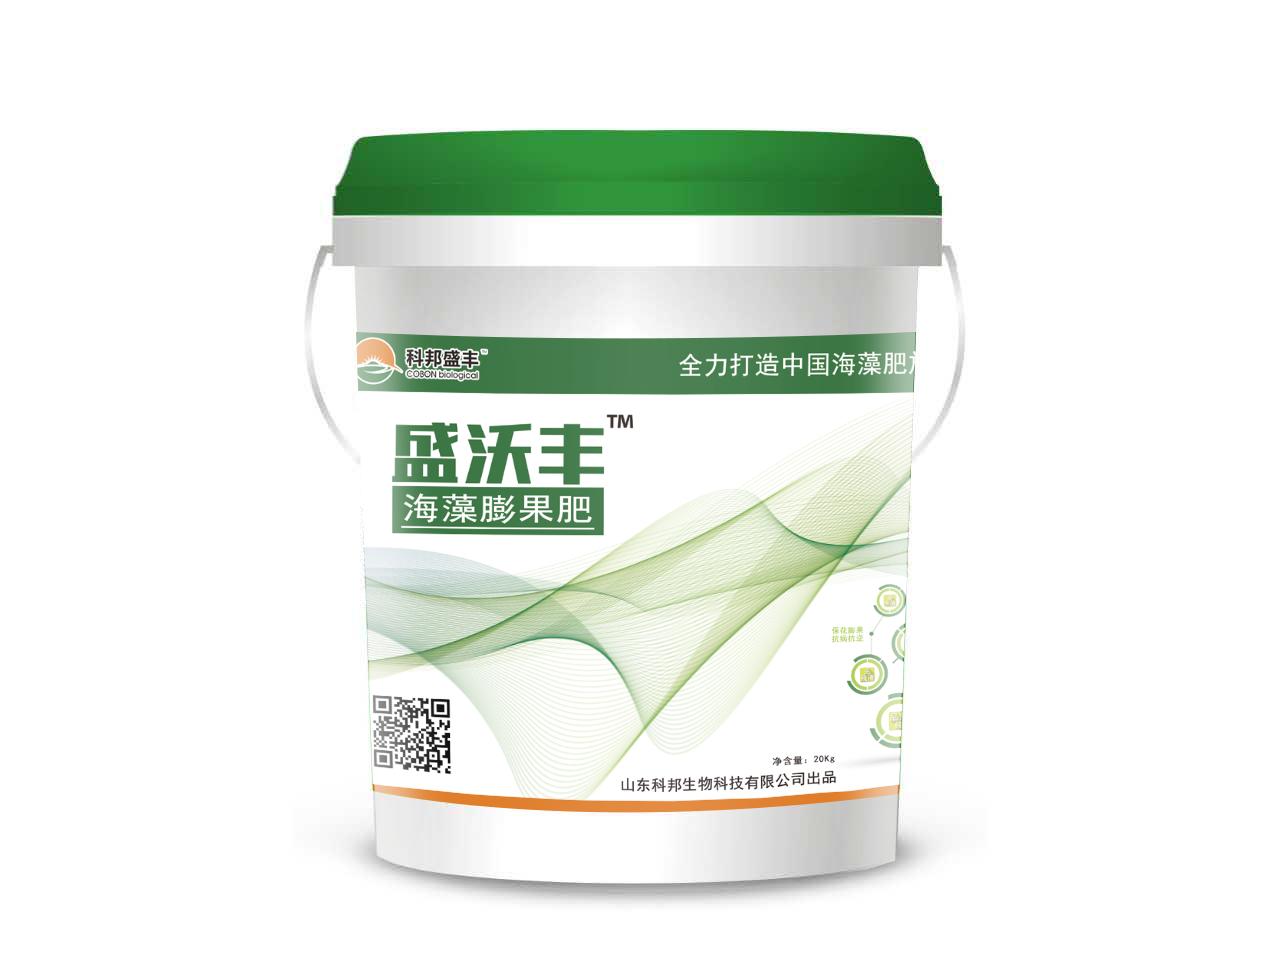 """山东科邦生物科技有限公司旗下品牌""""盛沃丰""""海藻肥桶标设计"""